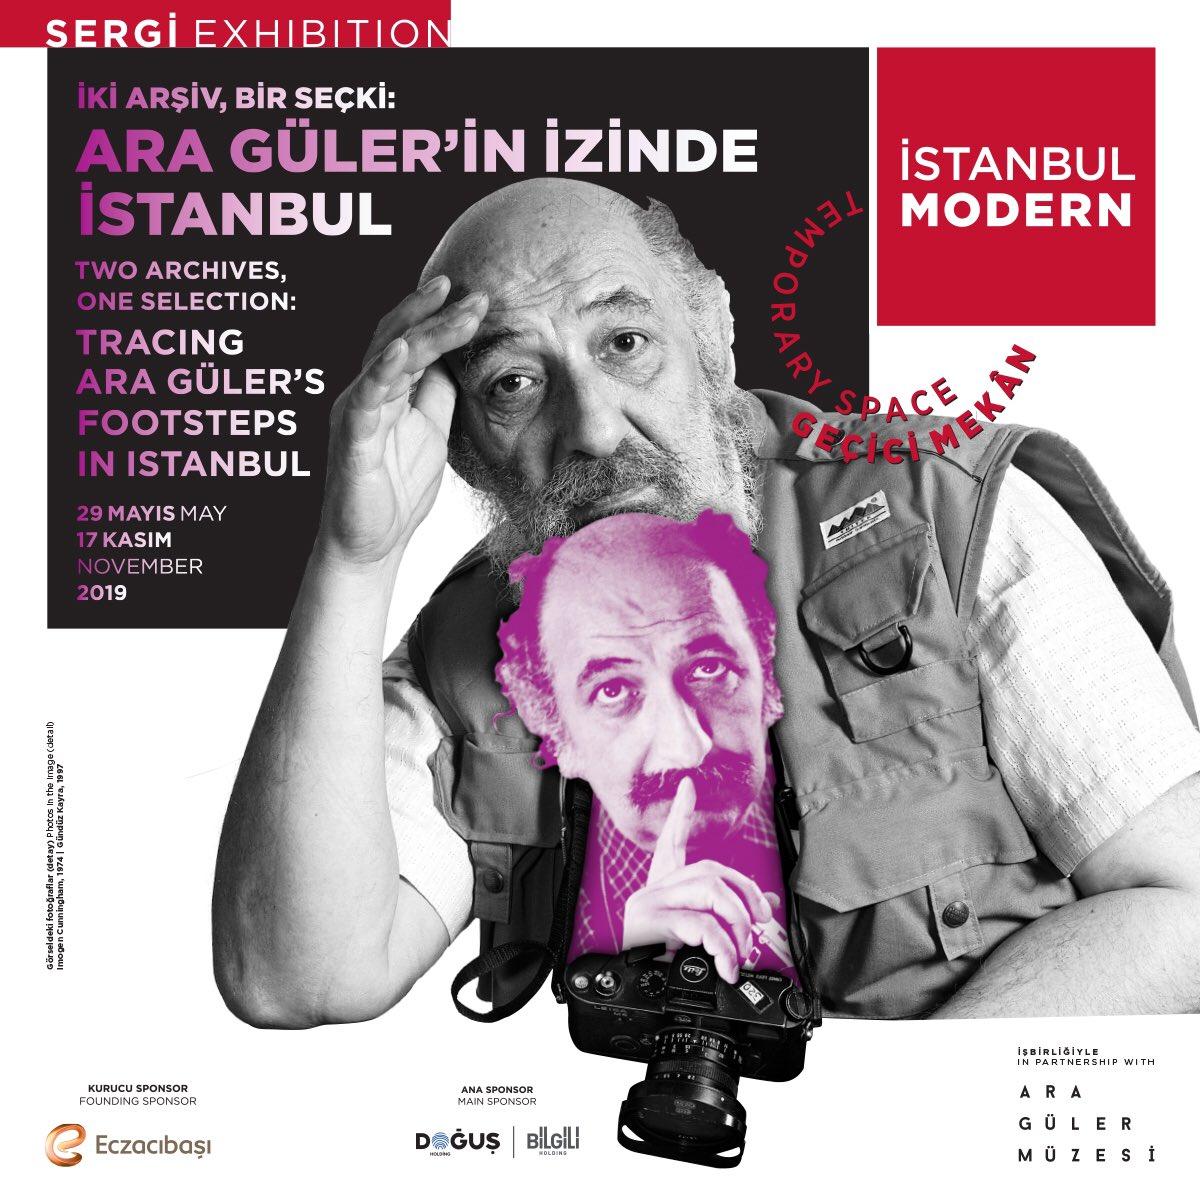 """İstanbul Modern Fotoğraf Galerisi'nin Ara Güler Müzesi işbirliğiyle hazırladığı """"İki Arşiv, Bir Seçki: Ara Güler'in İzinde İstanbul"""" adlı sergi 29 Mayıs'ta açılıyor. Sergide Ara Güler'in gözünden 1950'lerden itibaren İstanbul'un yaşadığı değişimin izi sürülüyor."""